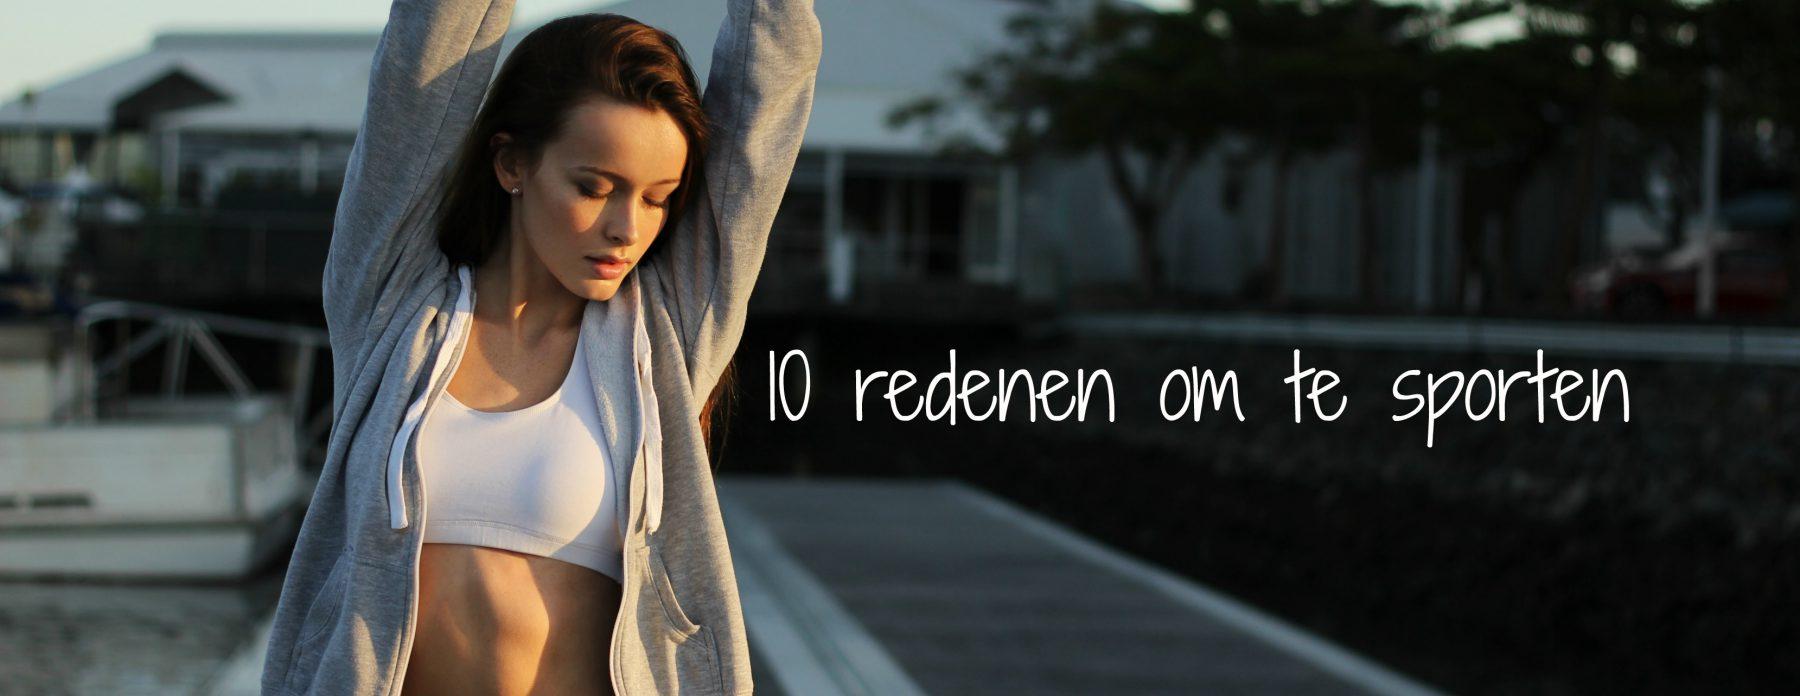 Sporten : 10 redenen om ervoor te gaan !